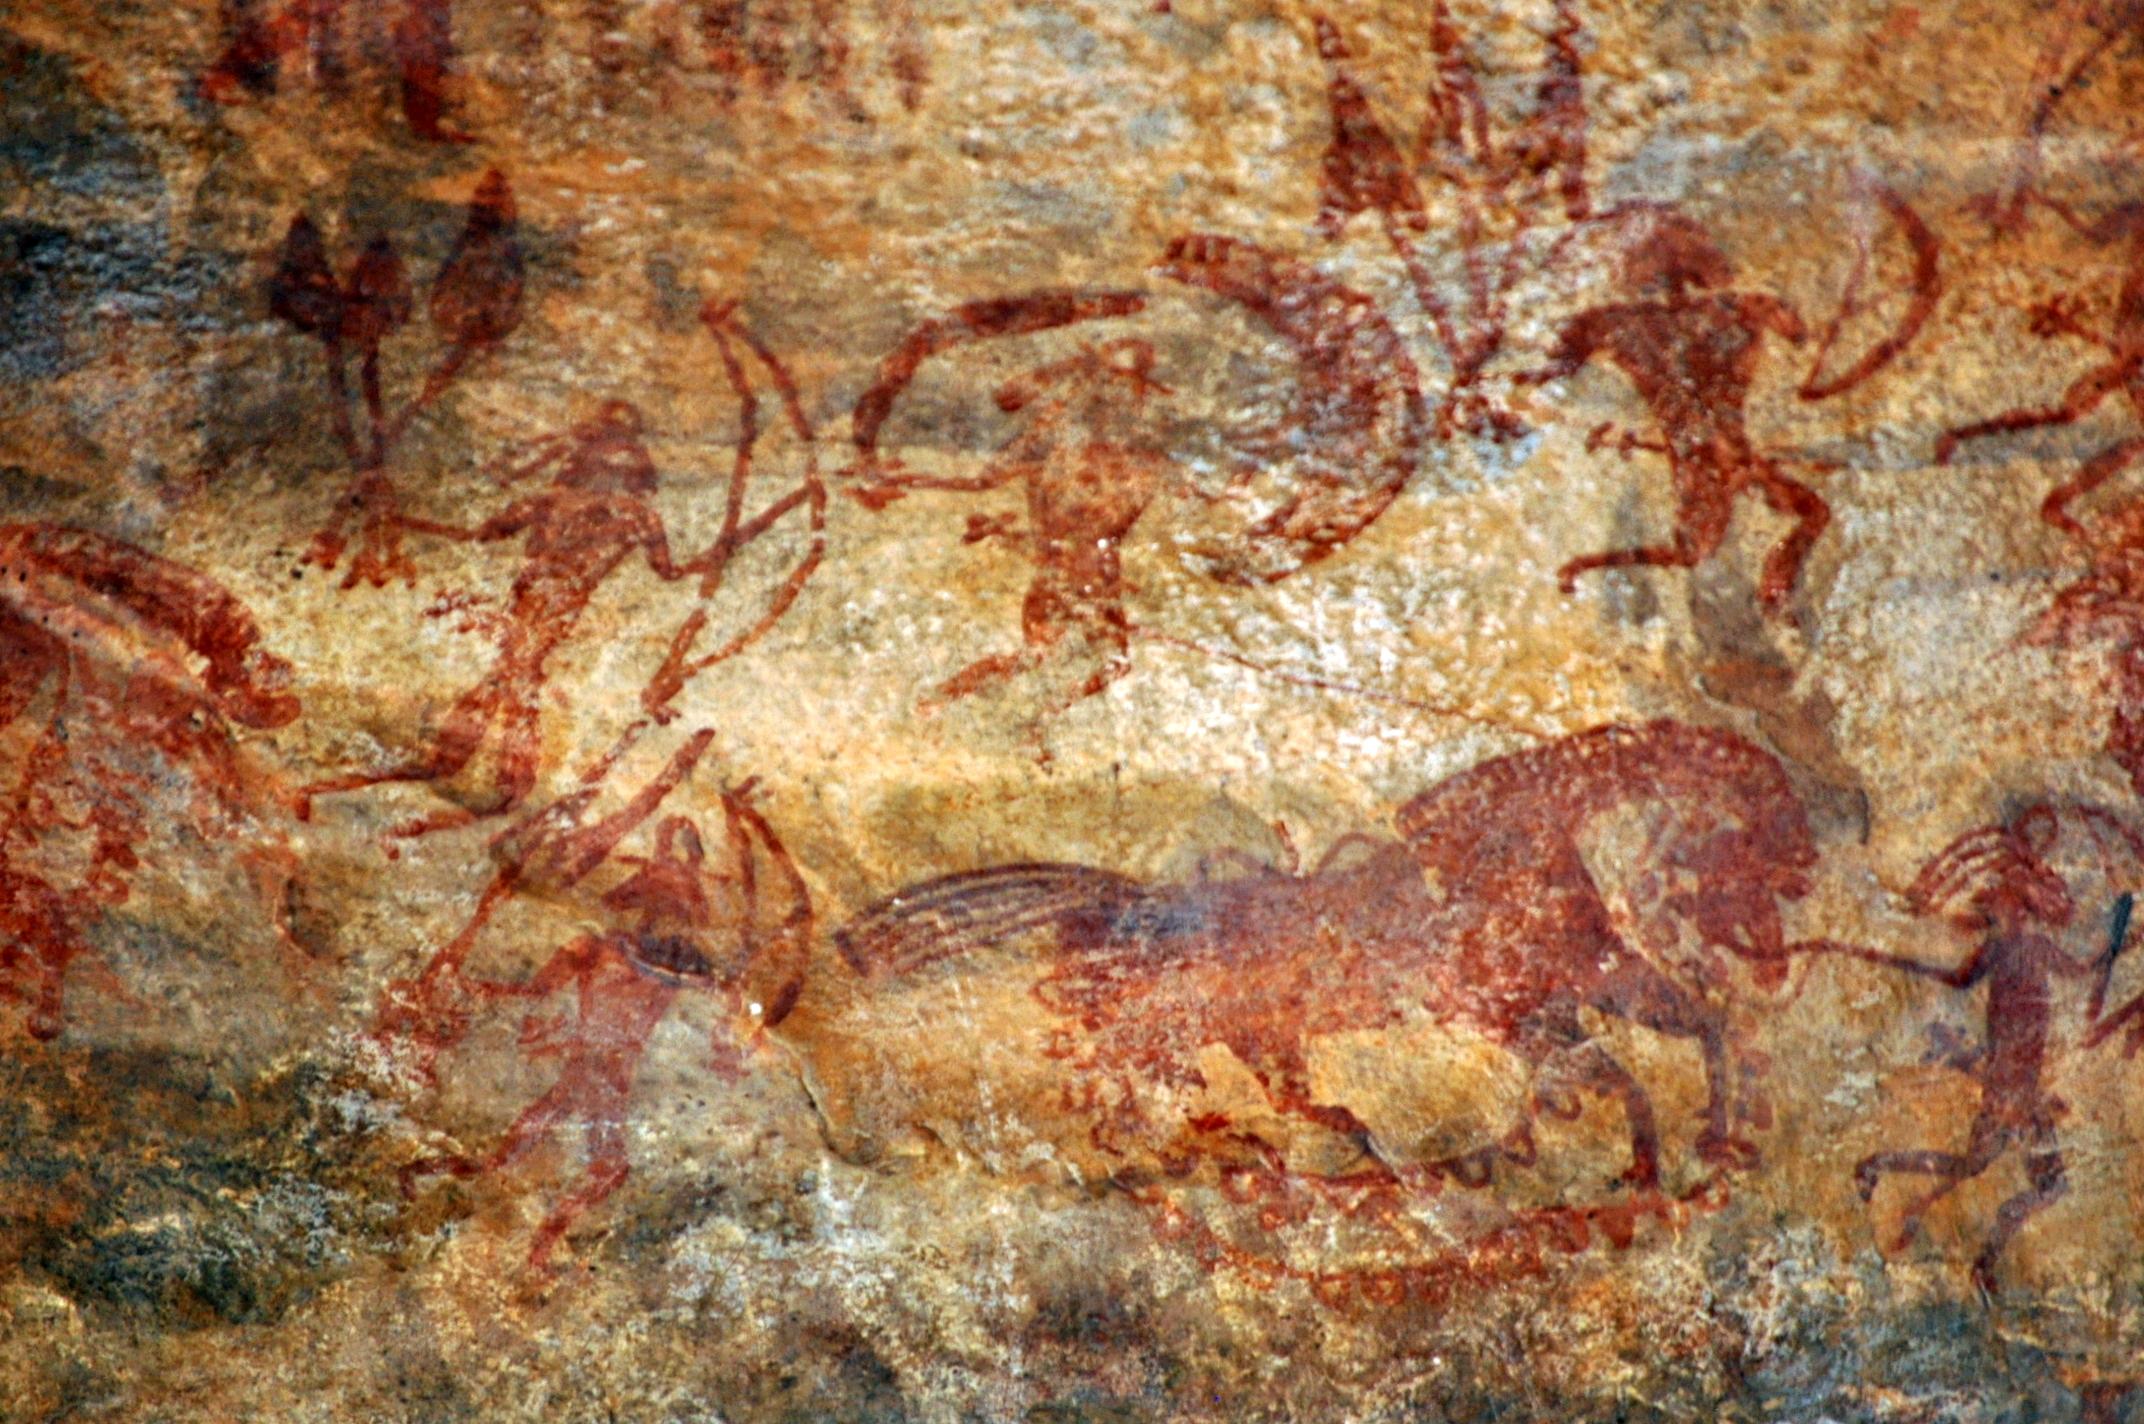 上图:印度比莫贝特卡石窟(Bhimbetka rock shelters)的岩画,画着一个人牵着一匹马。人类大约从主前3500-4000年开始在中亚驯化马。马适合奔跑,具有出色的平衡感和强烈的战斗或逃跑反应(Fight-or-flight response)。